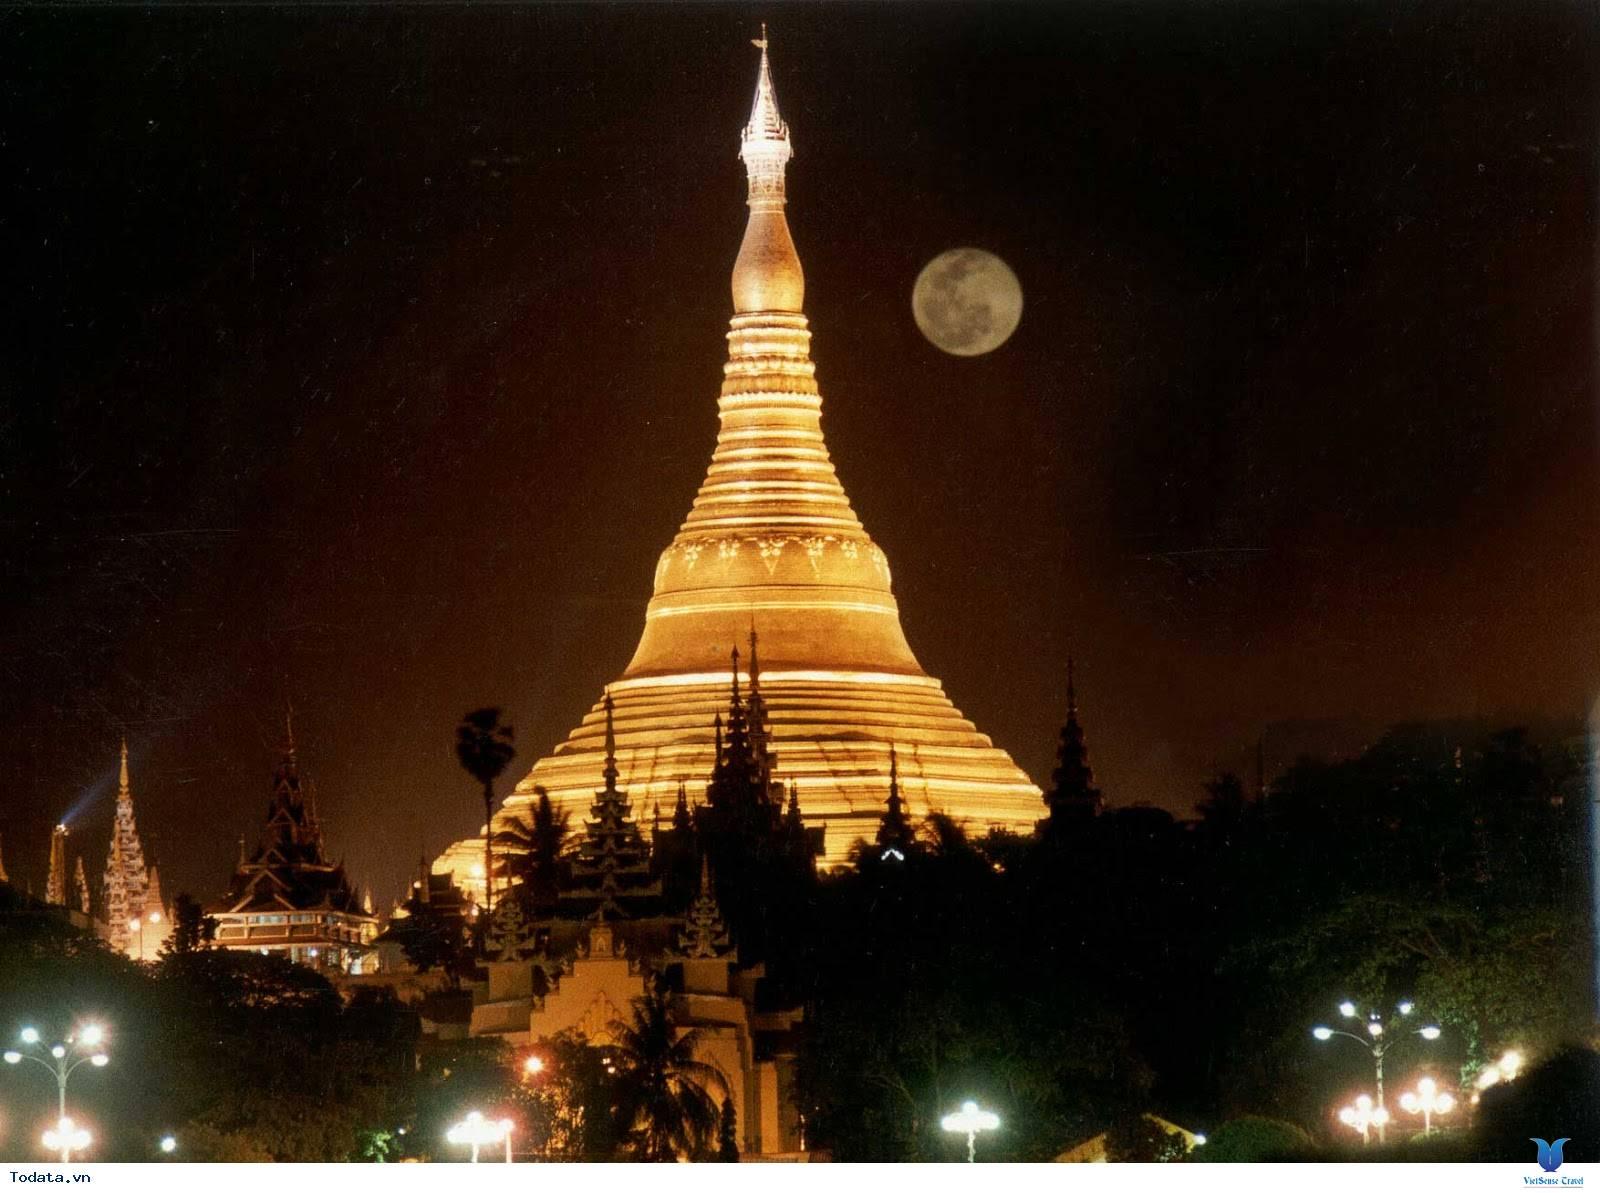 Đến Myanmar Viếng Thăm Ngôi Chùa Shwemawdaw - Ảnh 4